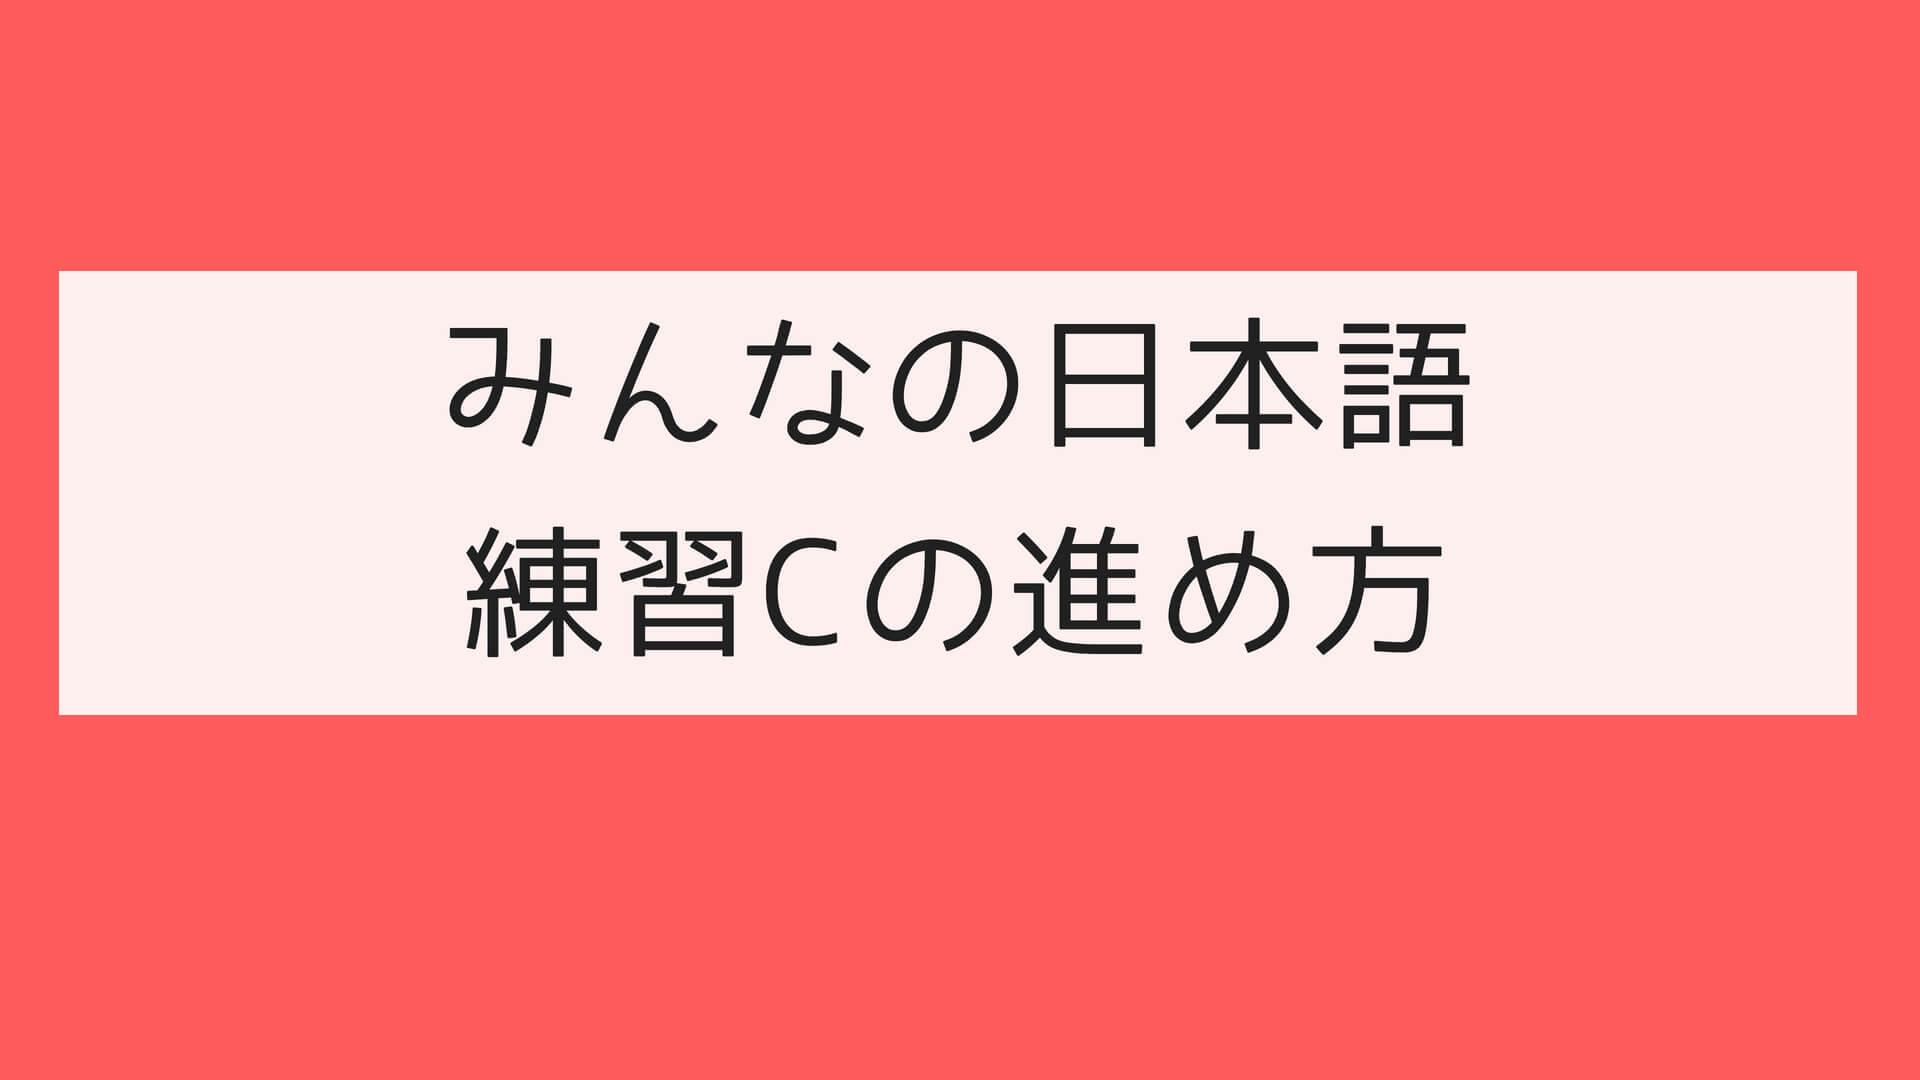 みんなの日本語  練習Cの進め方